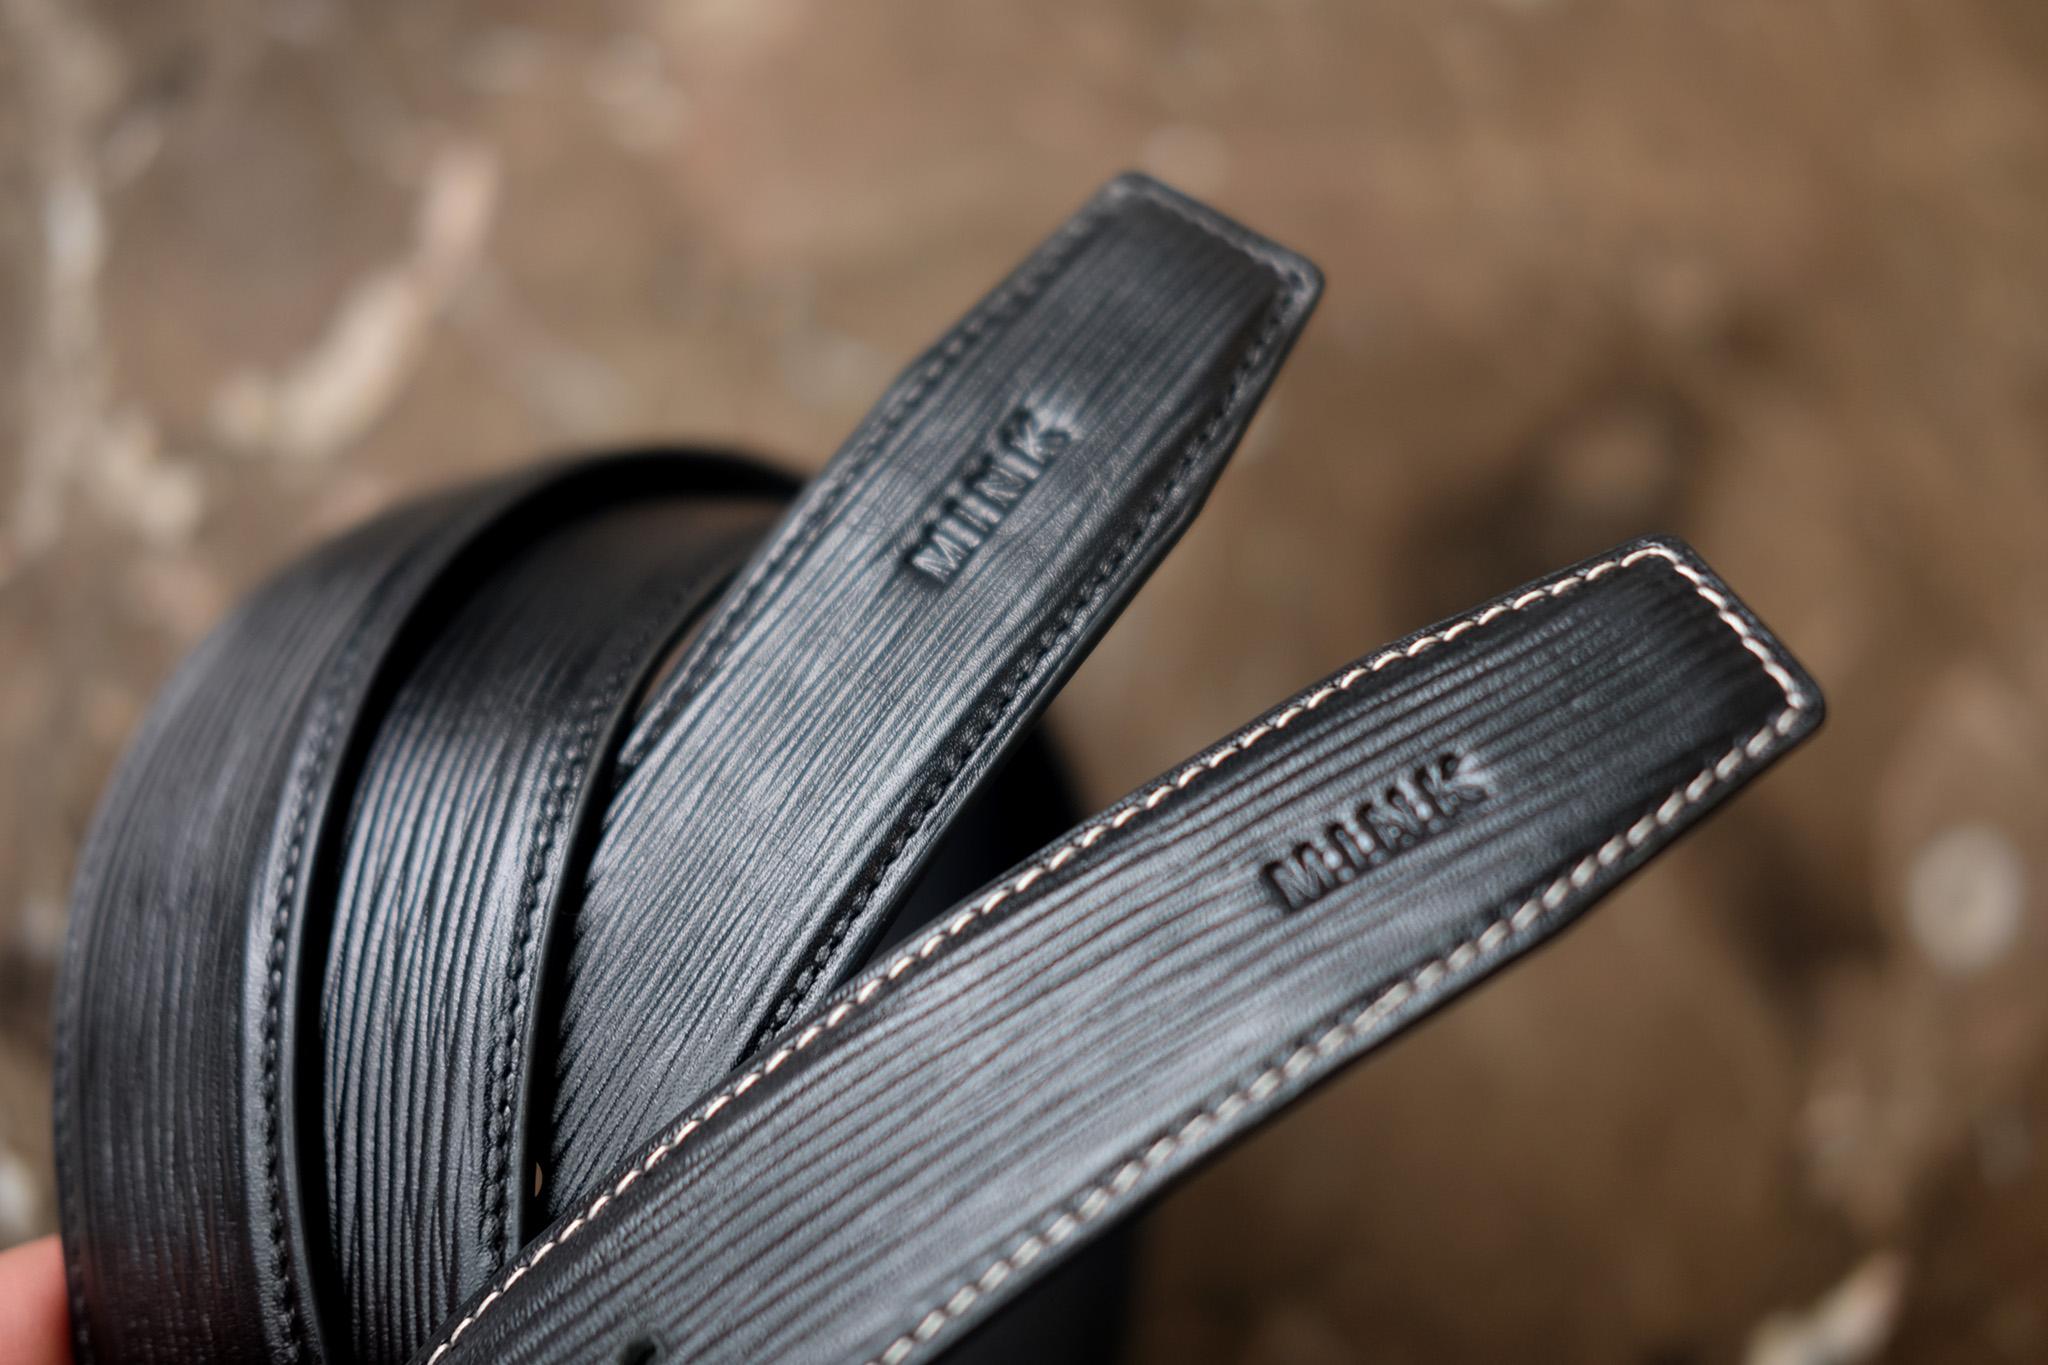 DSCF3793 - MINK Leather